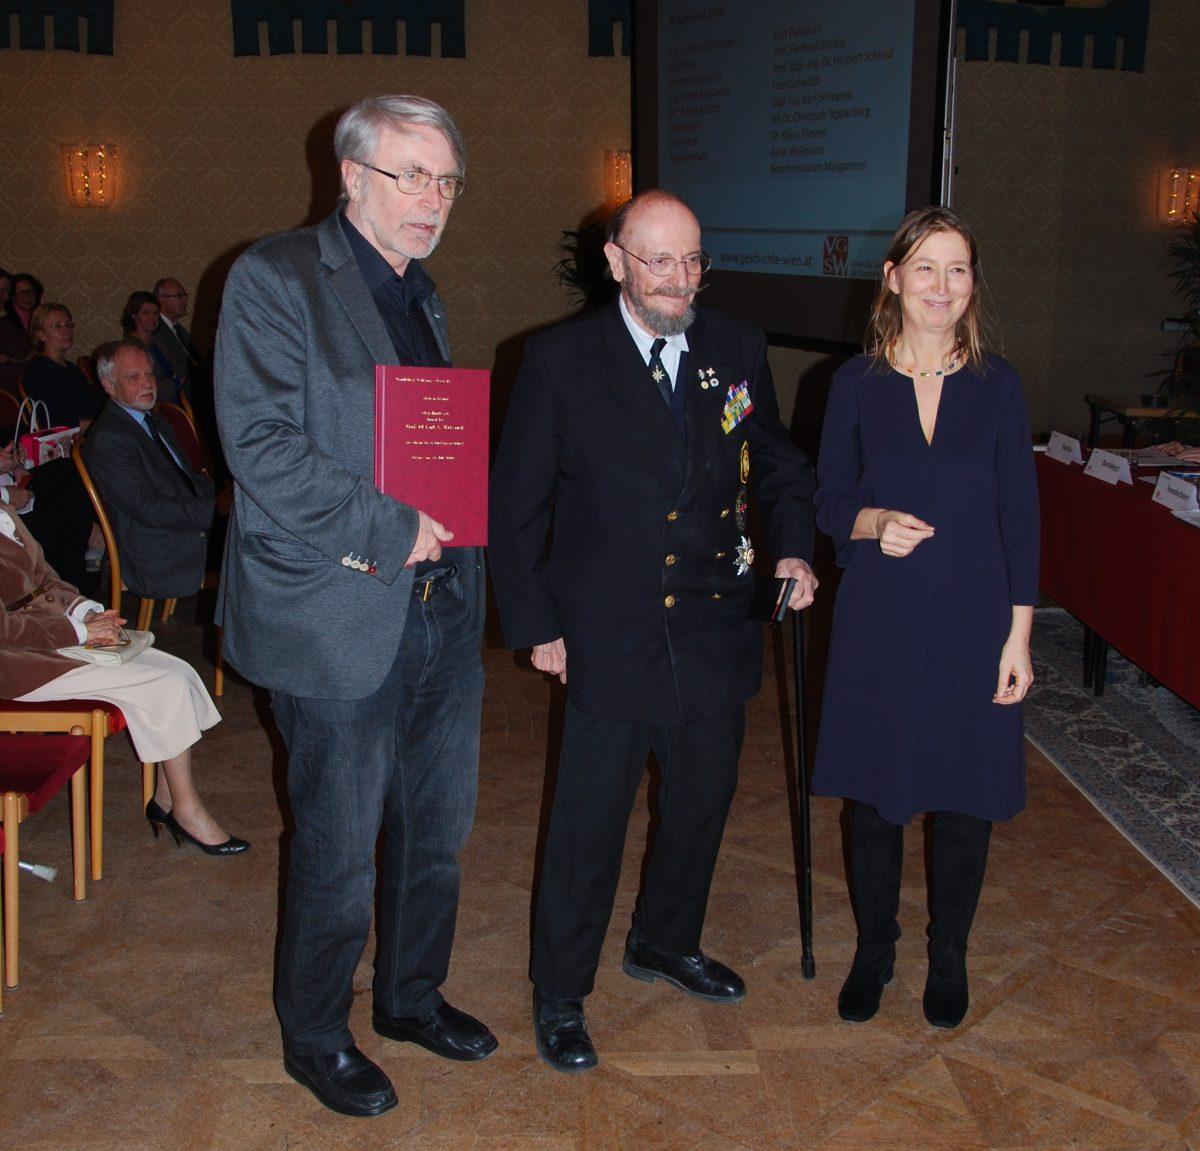 Oberst A.D. Karl Skrivanek, Ehrenpräsident des Österreichischen Marineverbandes, nahm die silberne Medaille des Vereins für seine 40-jährige Mitgliedschaft entgegen (Foto: Alfred Paleczny)